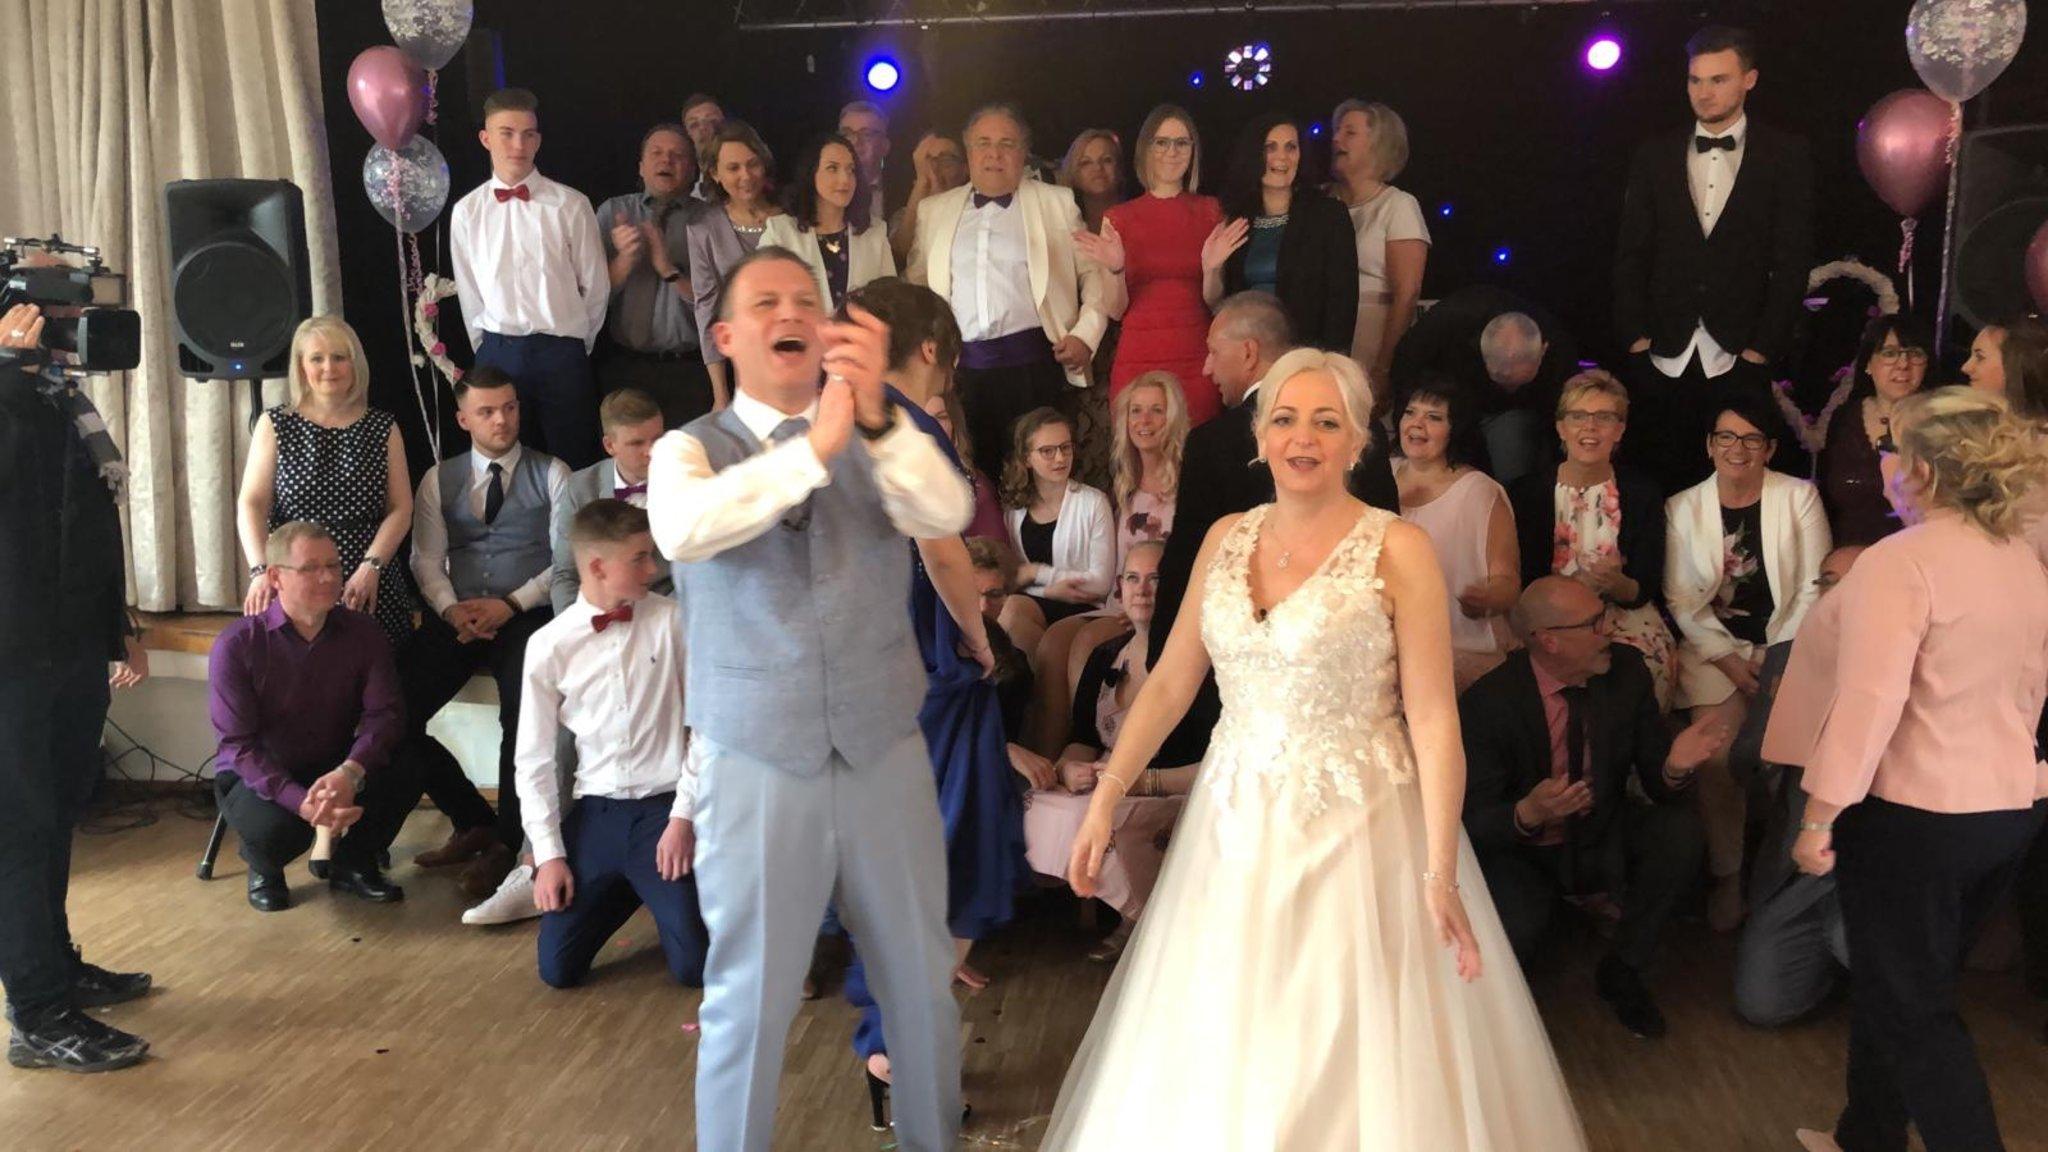 Mit Vox Kameras Ins Ehegluck Tv Hochzeit In Kaiserslautern